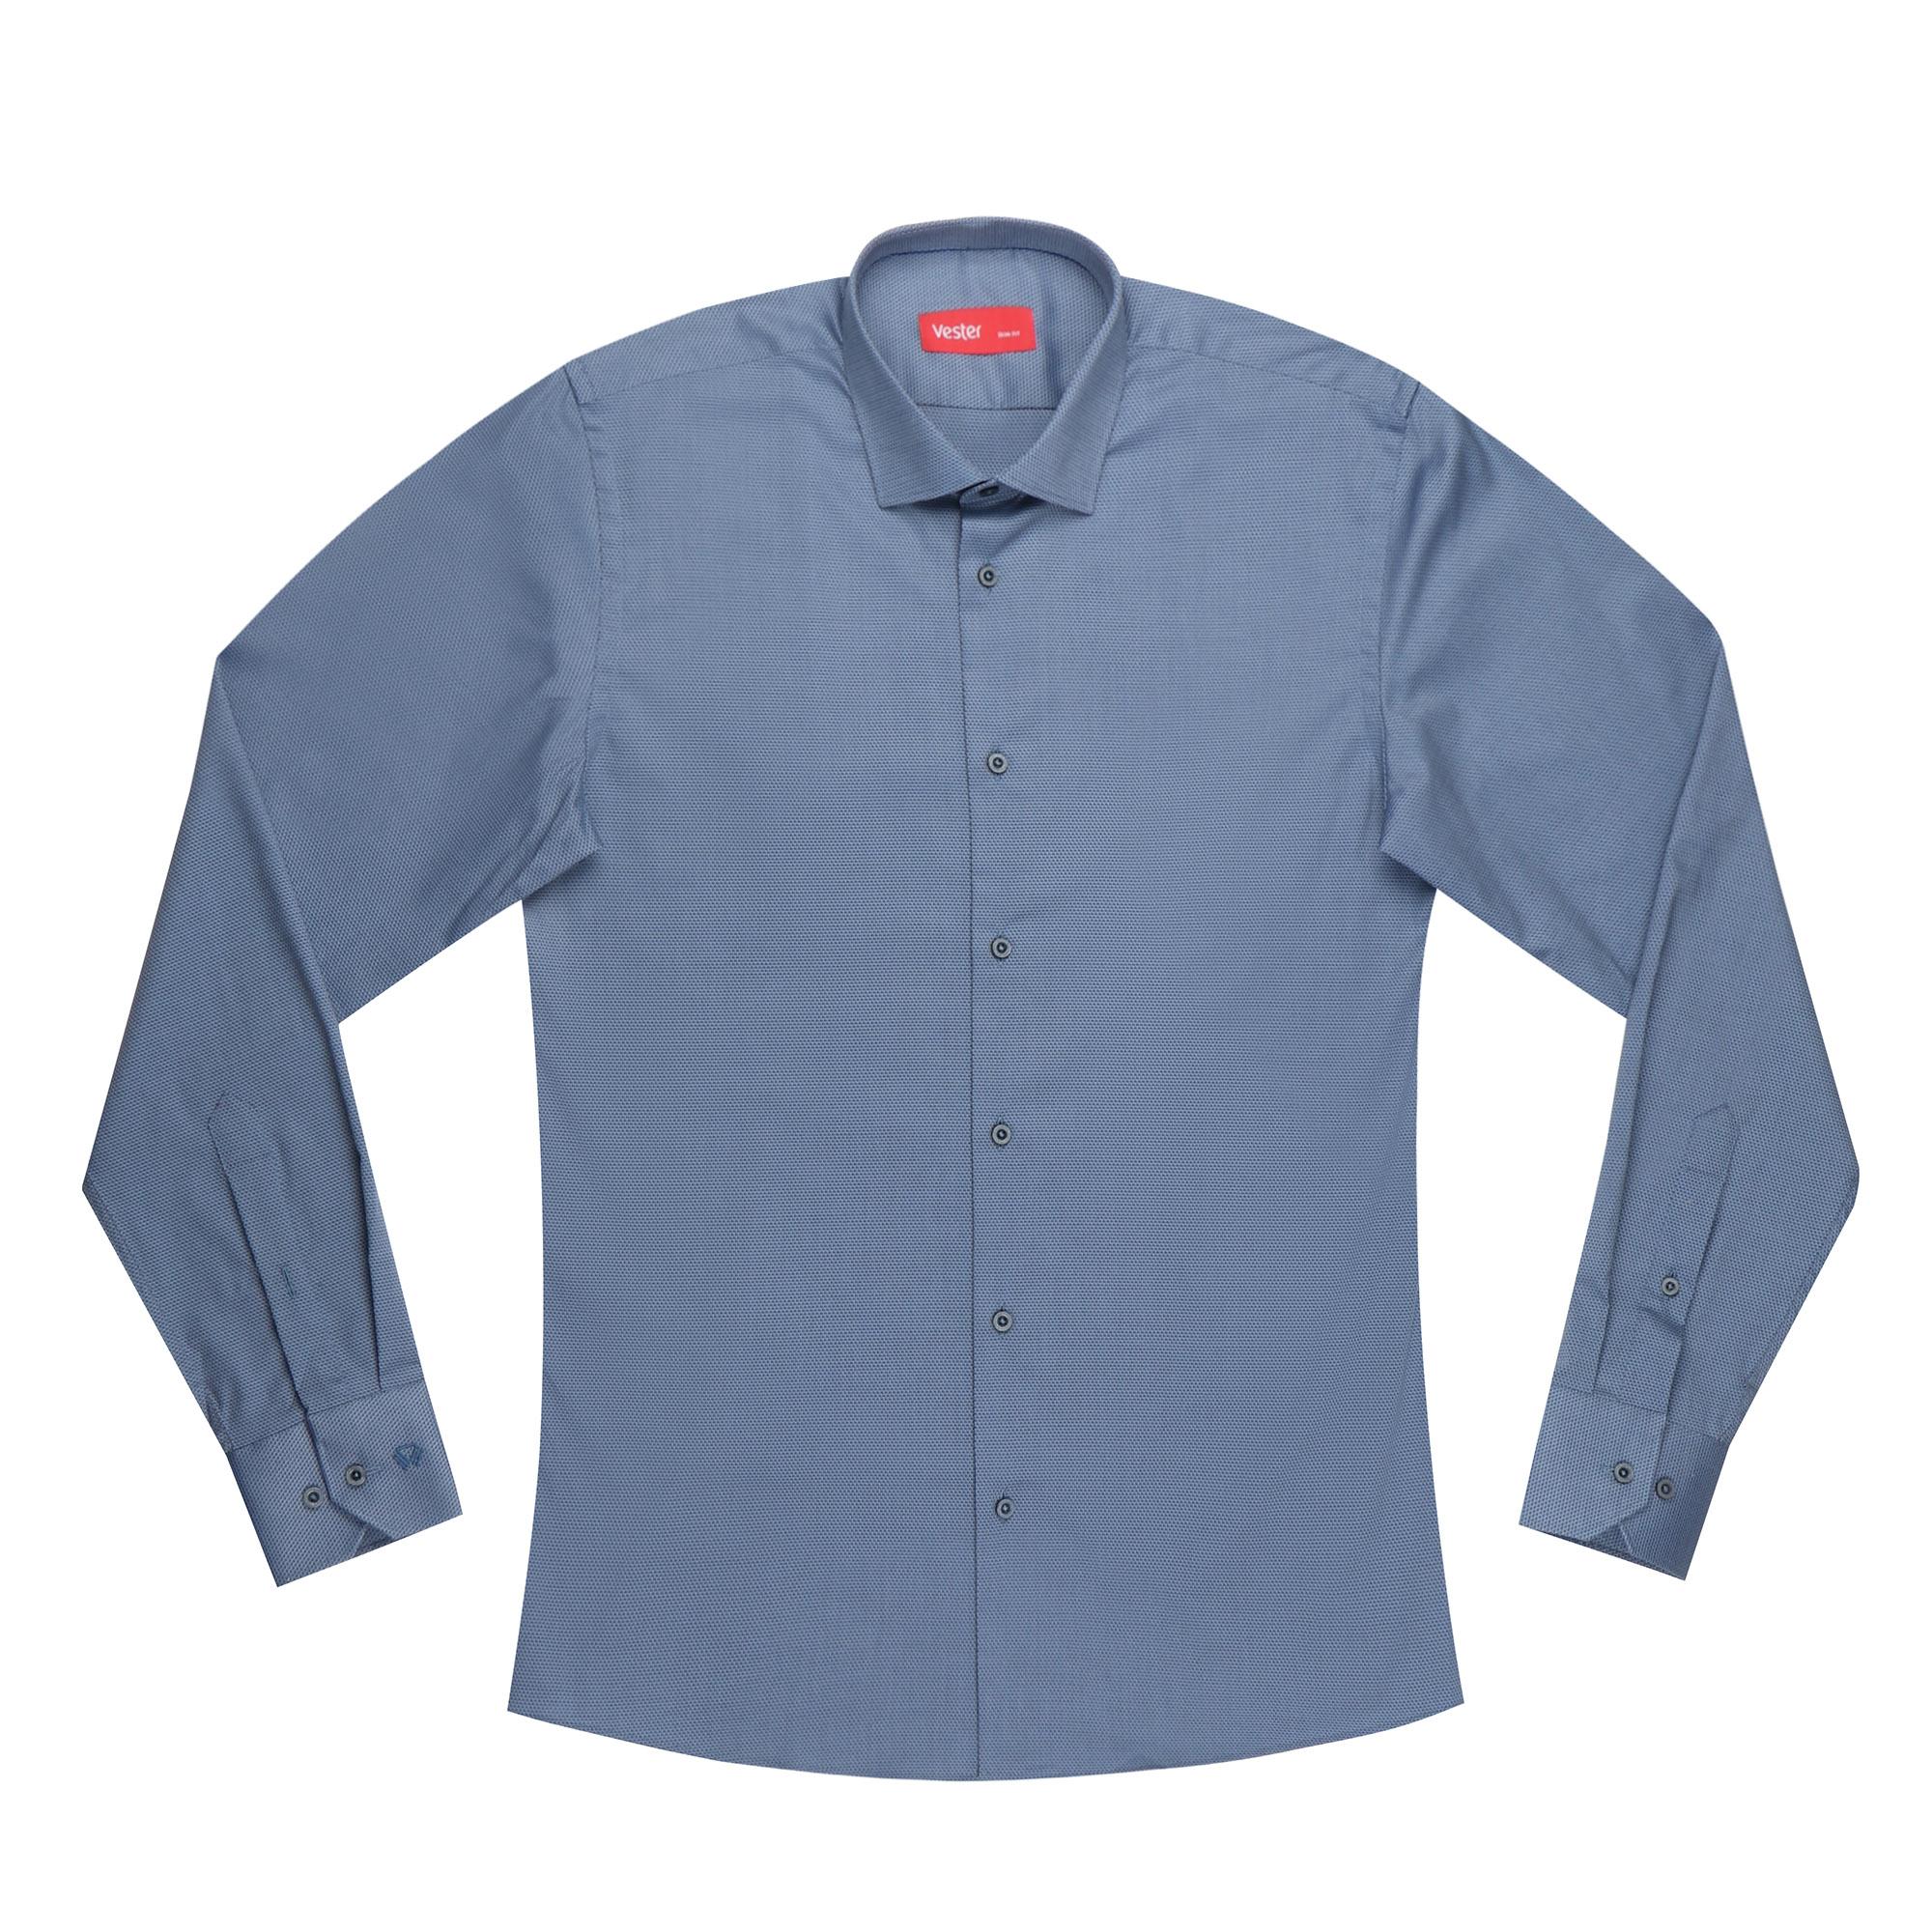 Сорочка приталенная Vester 12918 40S 182-188 синяя фото